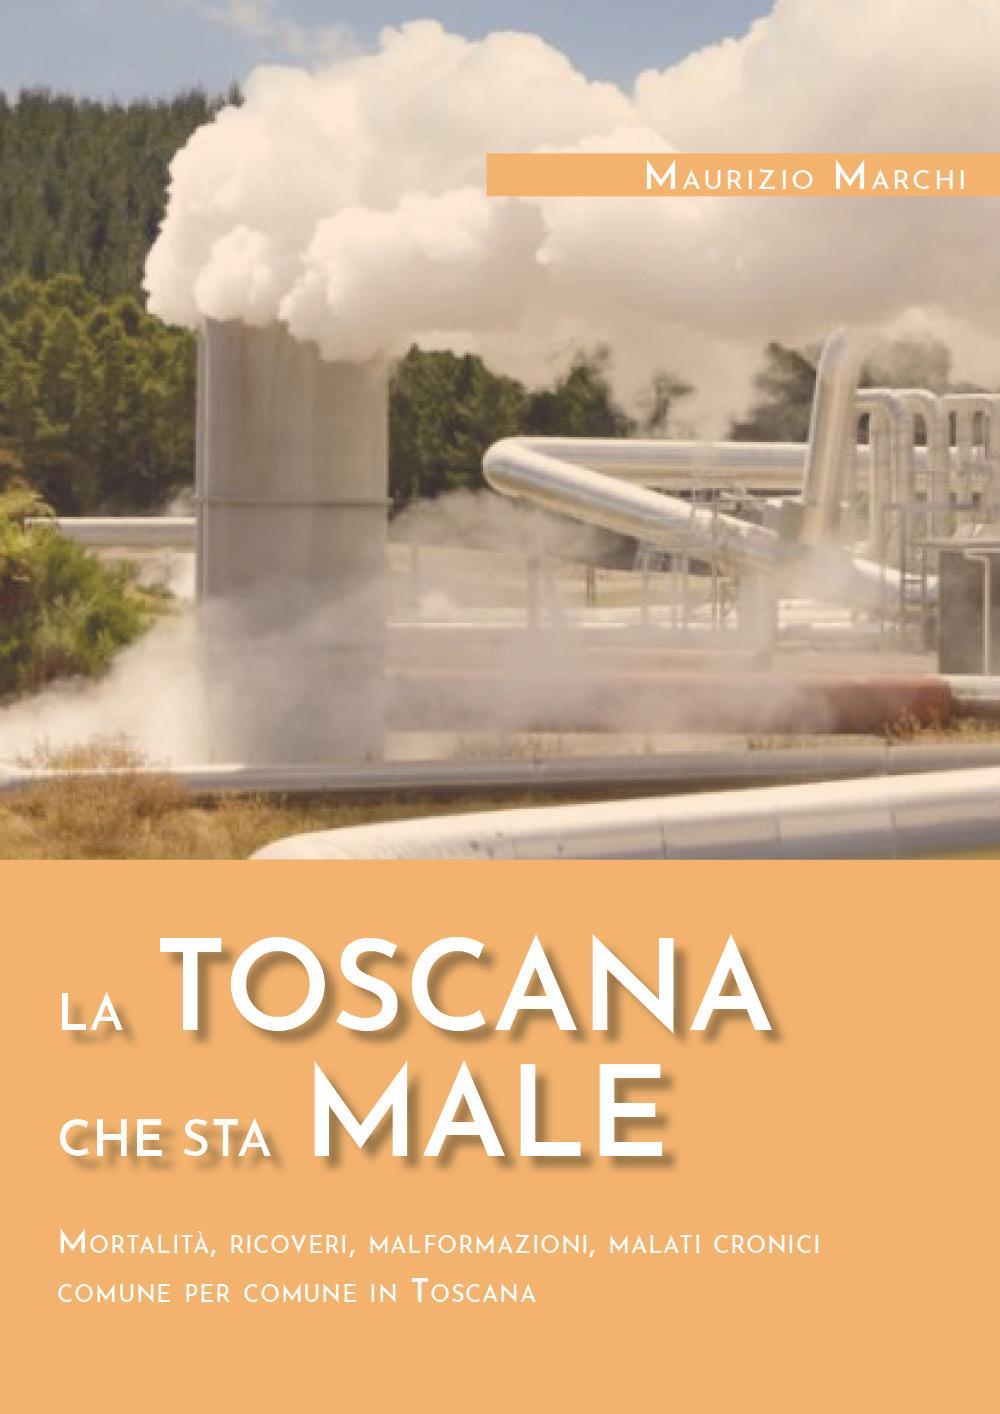 La Toscana che sta male. Mortalità, ricoveri, malformazioni, malati cronici comune per comune in Toscana